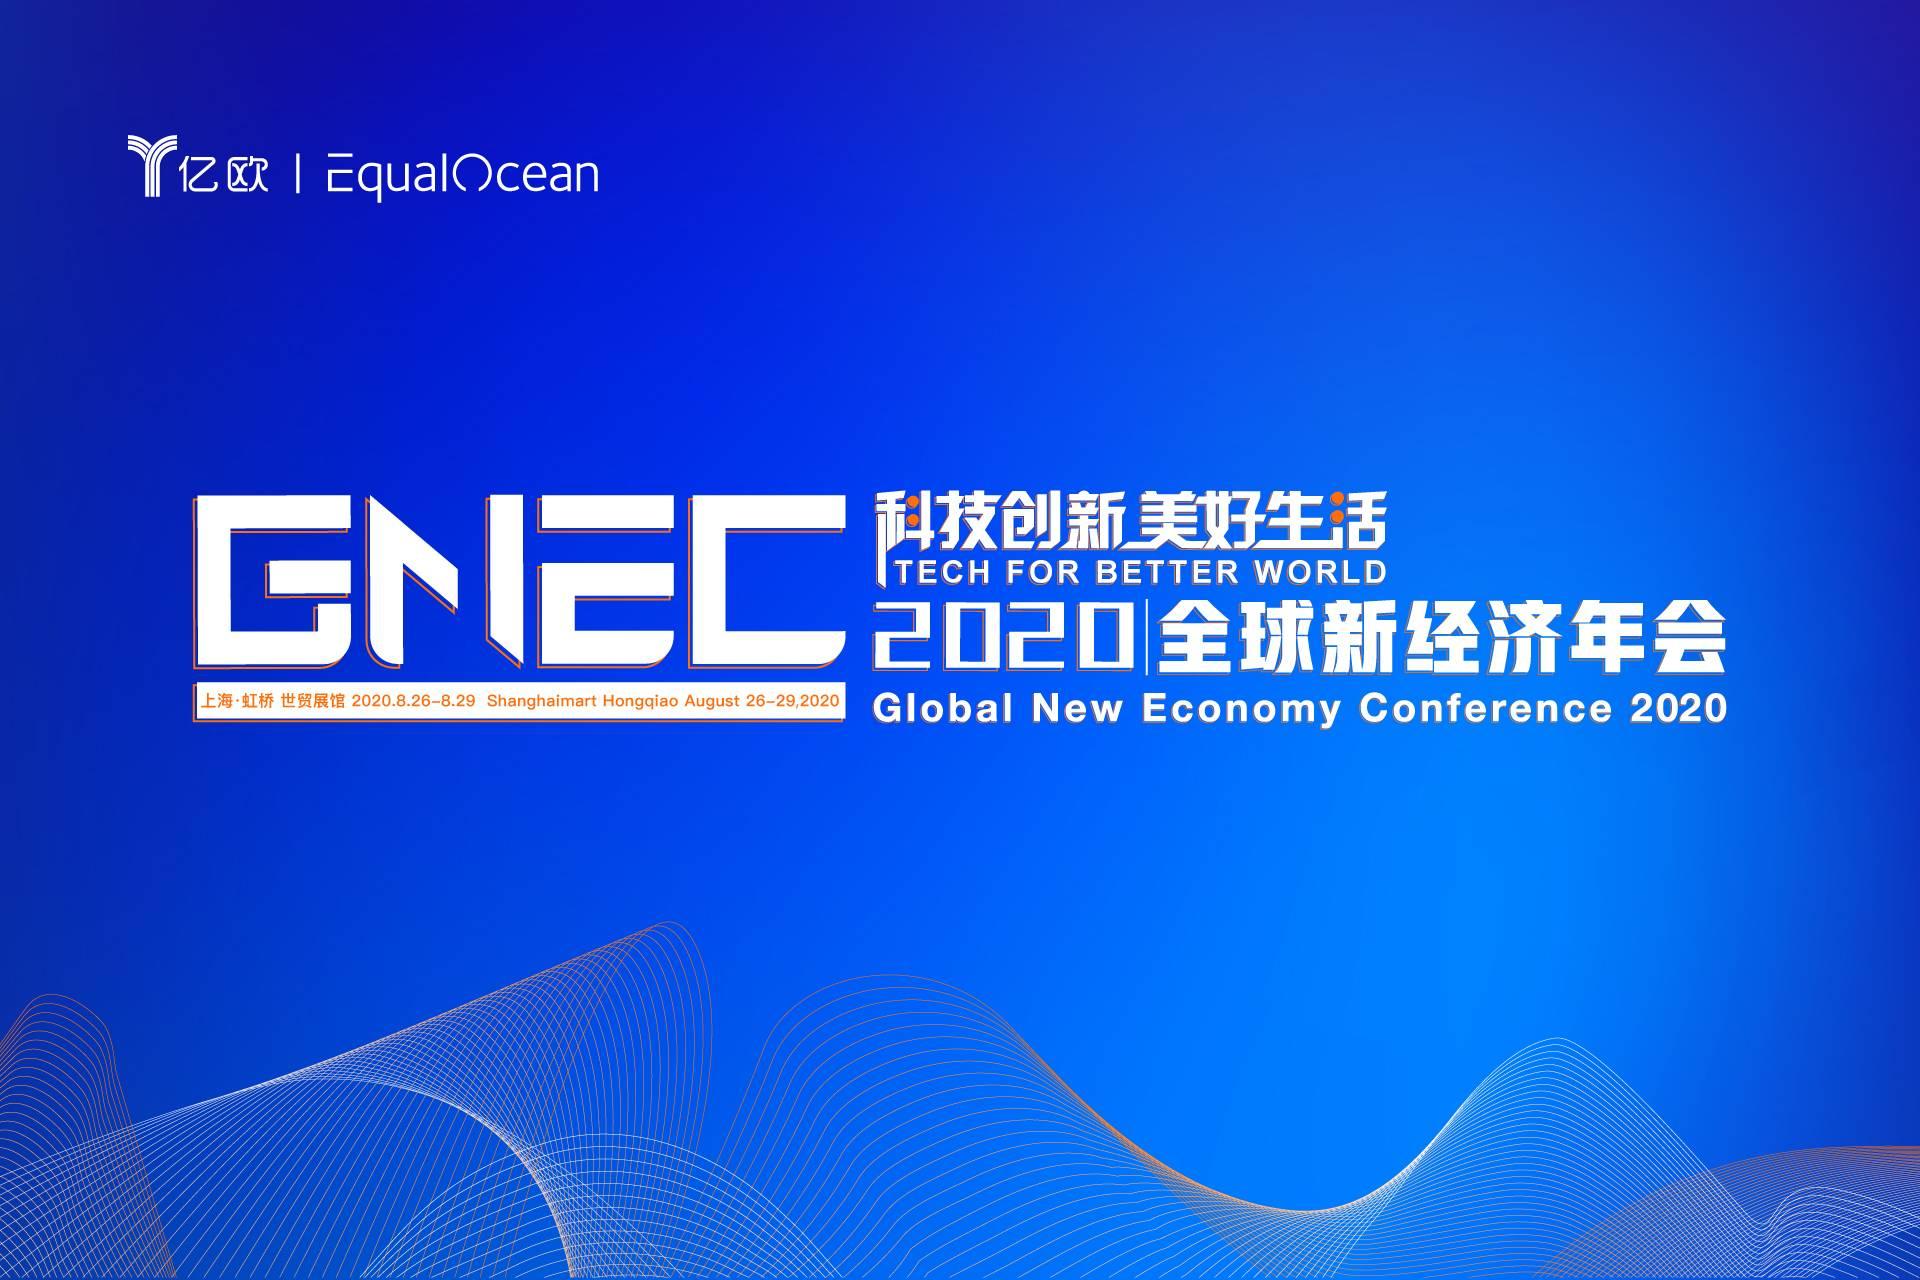 科创美好生活 - 2020全球新经济年会